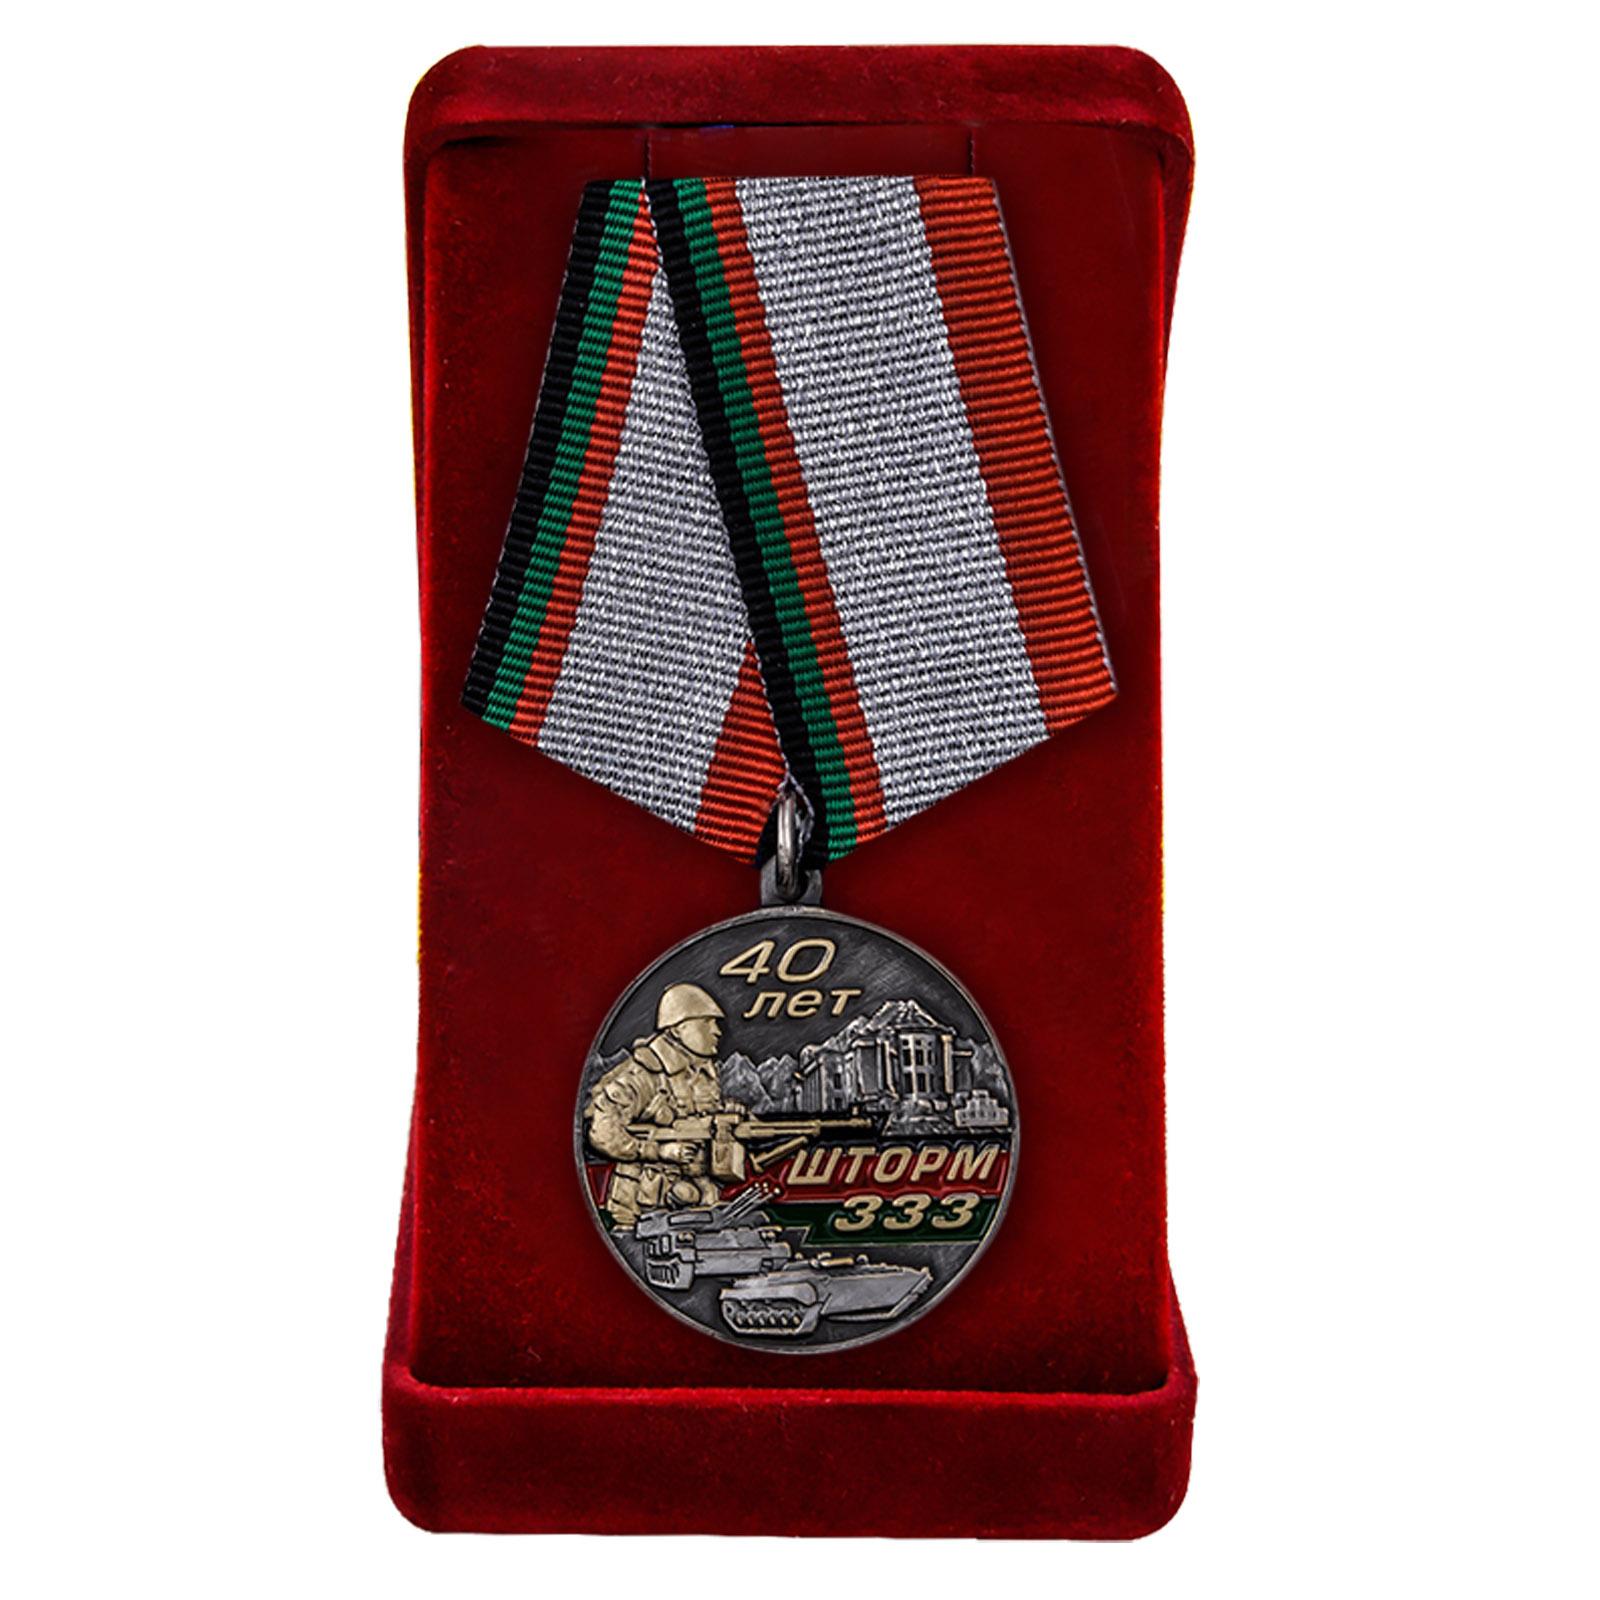 Купить памятную медаль Афганистан Шторм 333 оптом или в розницу